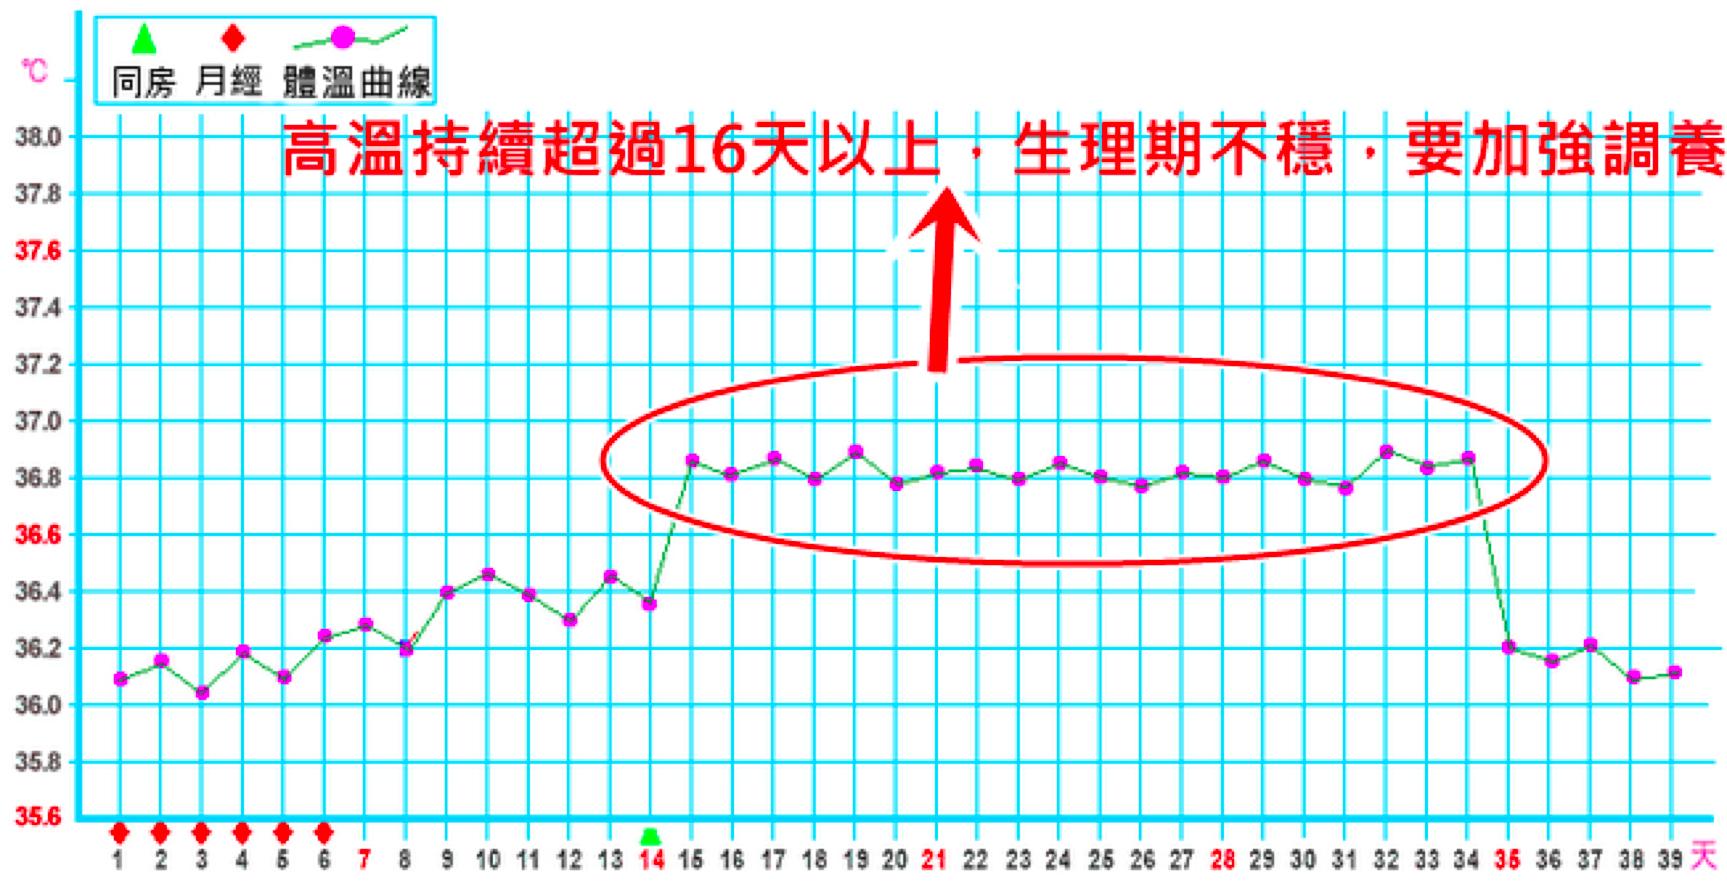 女性体温变化曲线图_排卵后基础体温如何变化?怎么通过排卵后的基础体温判断有木 ...